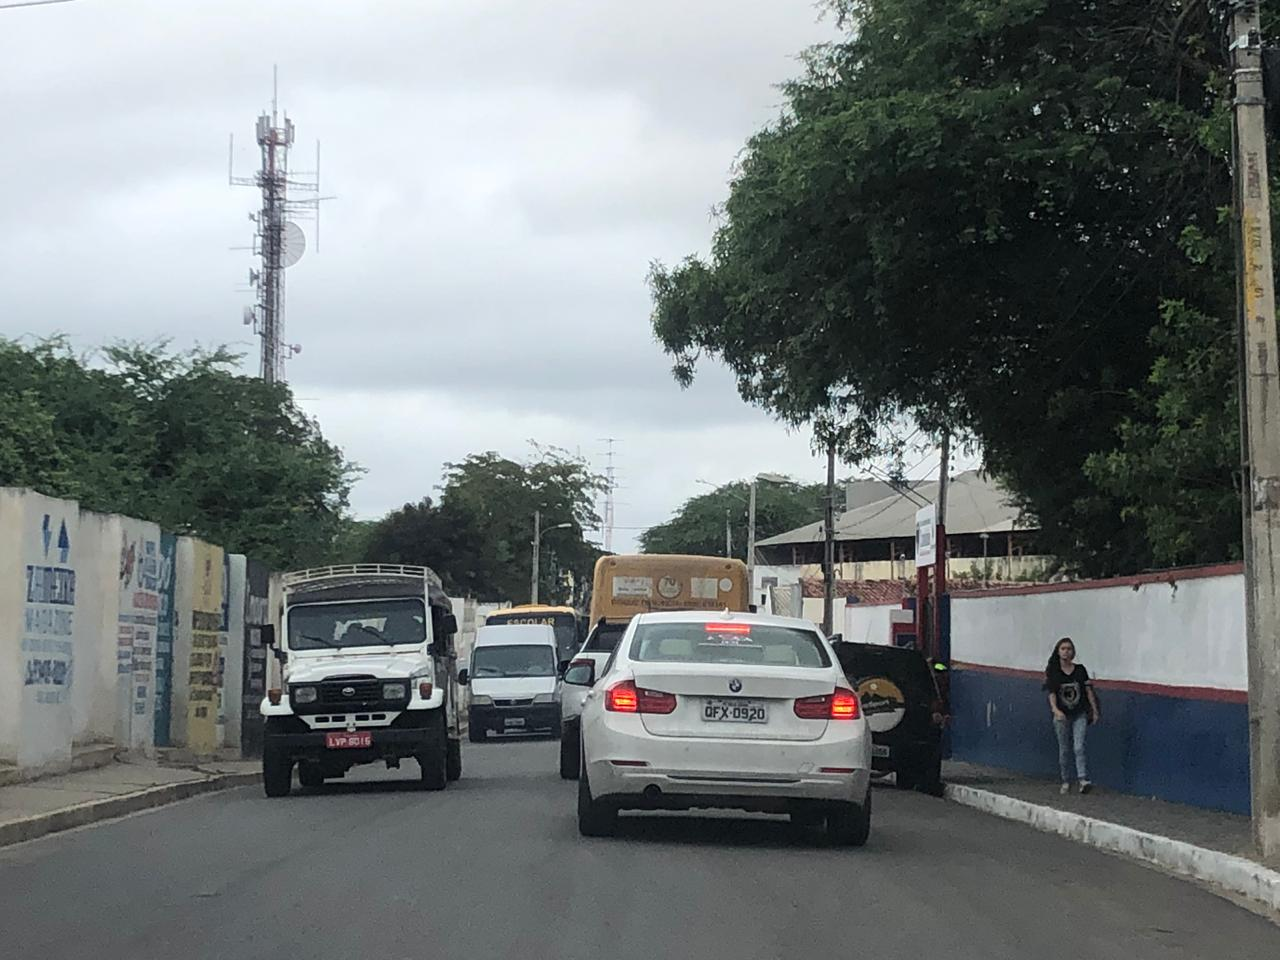 Motoristas denunciam falta de fiscalização na parada dos veículos escolares no bairro Boa Vista